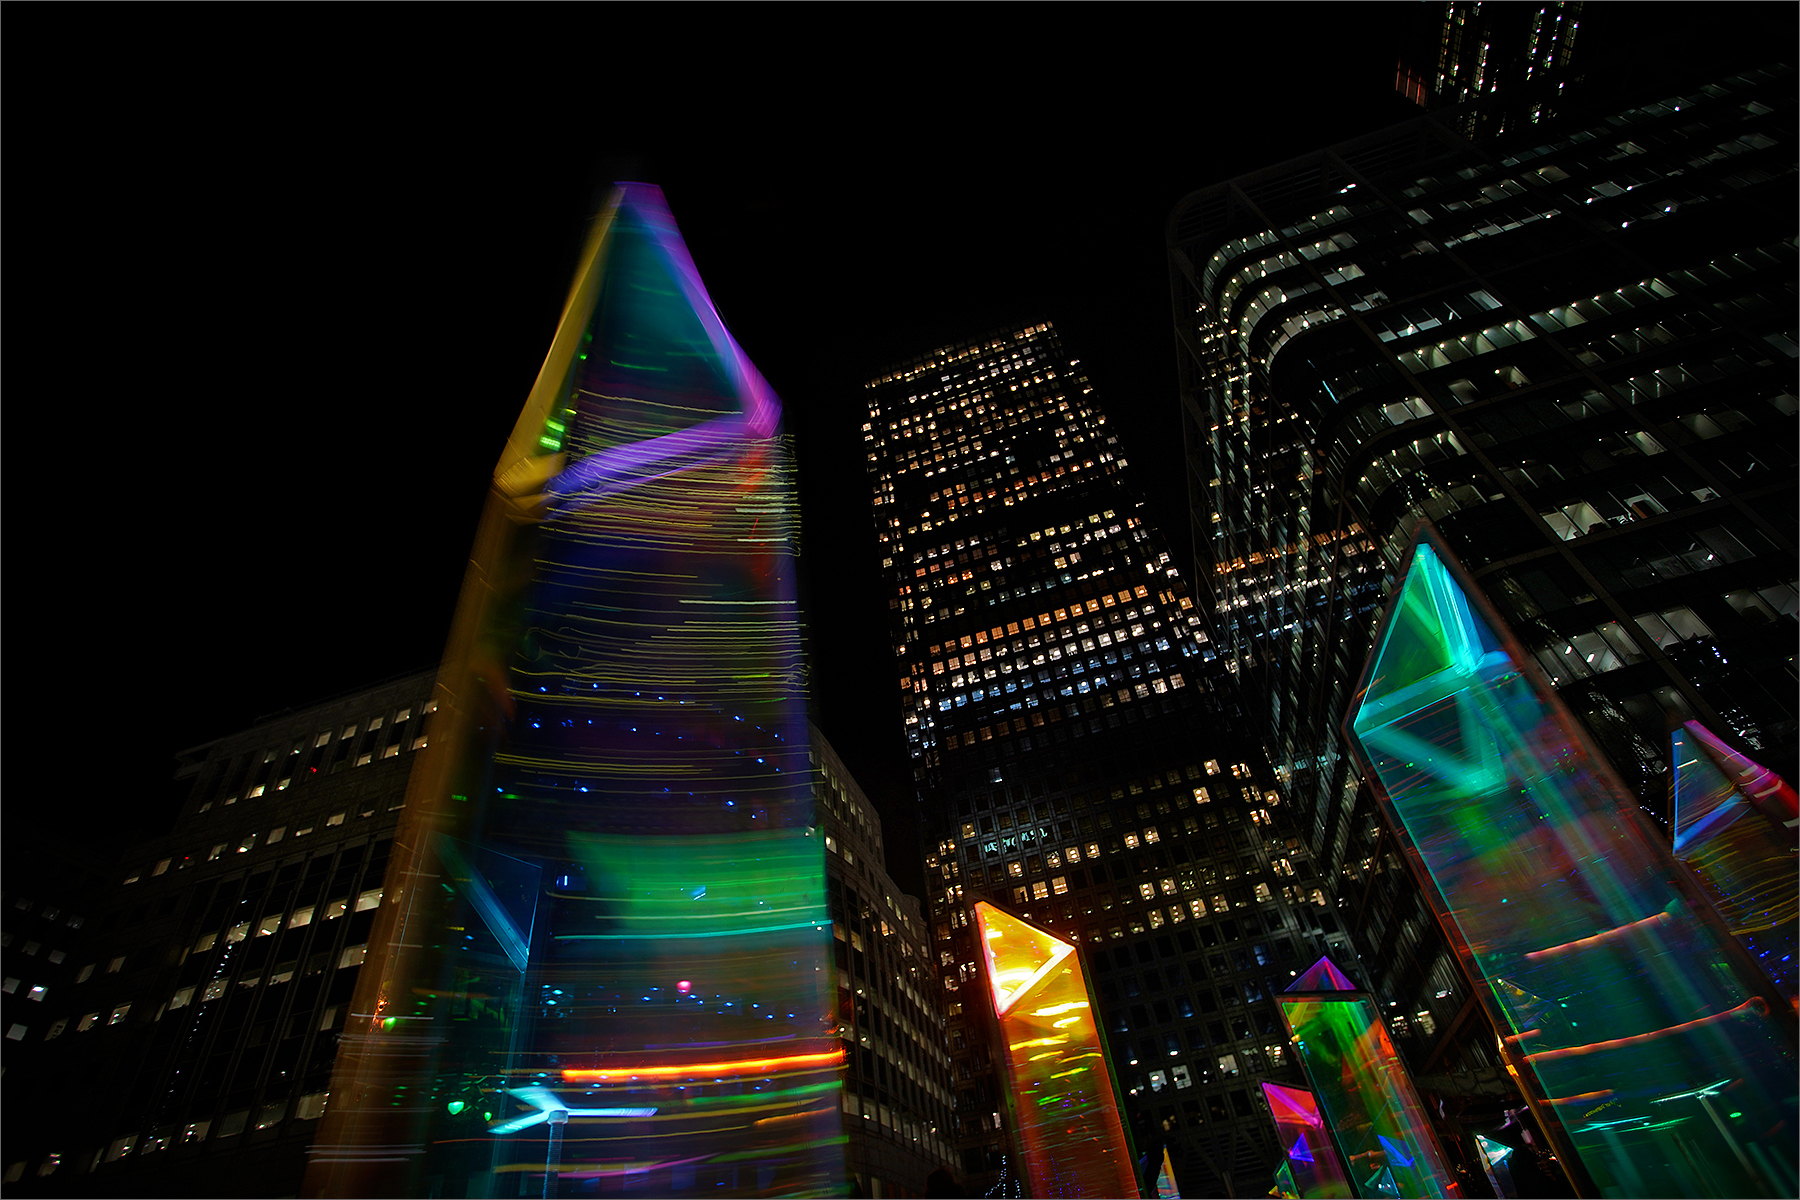 Spinning Light Towers